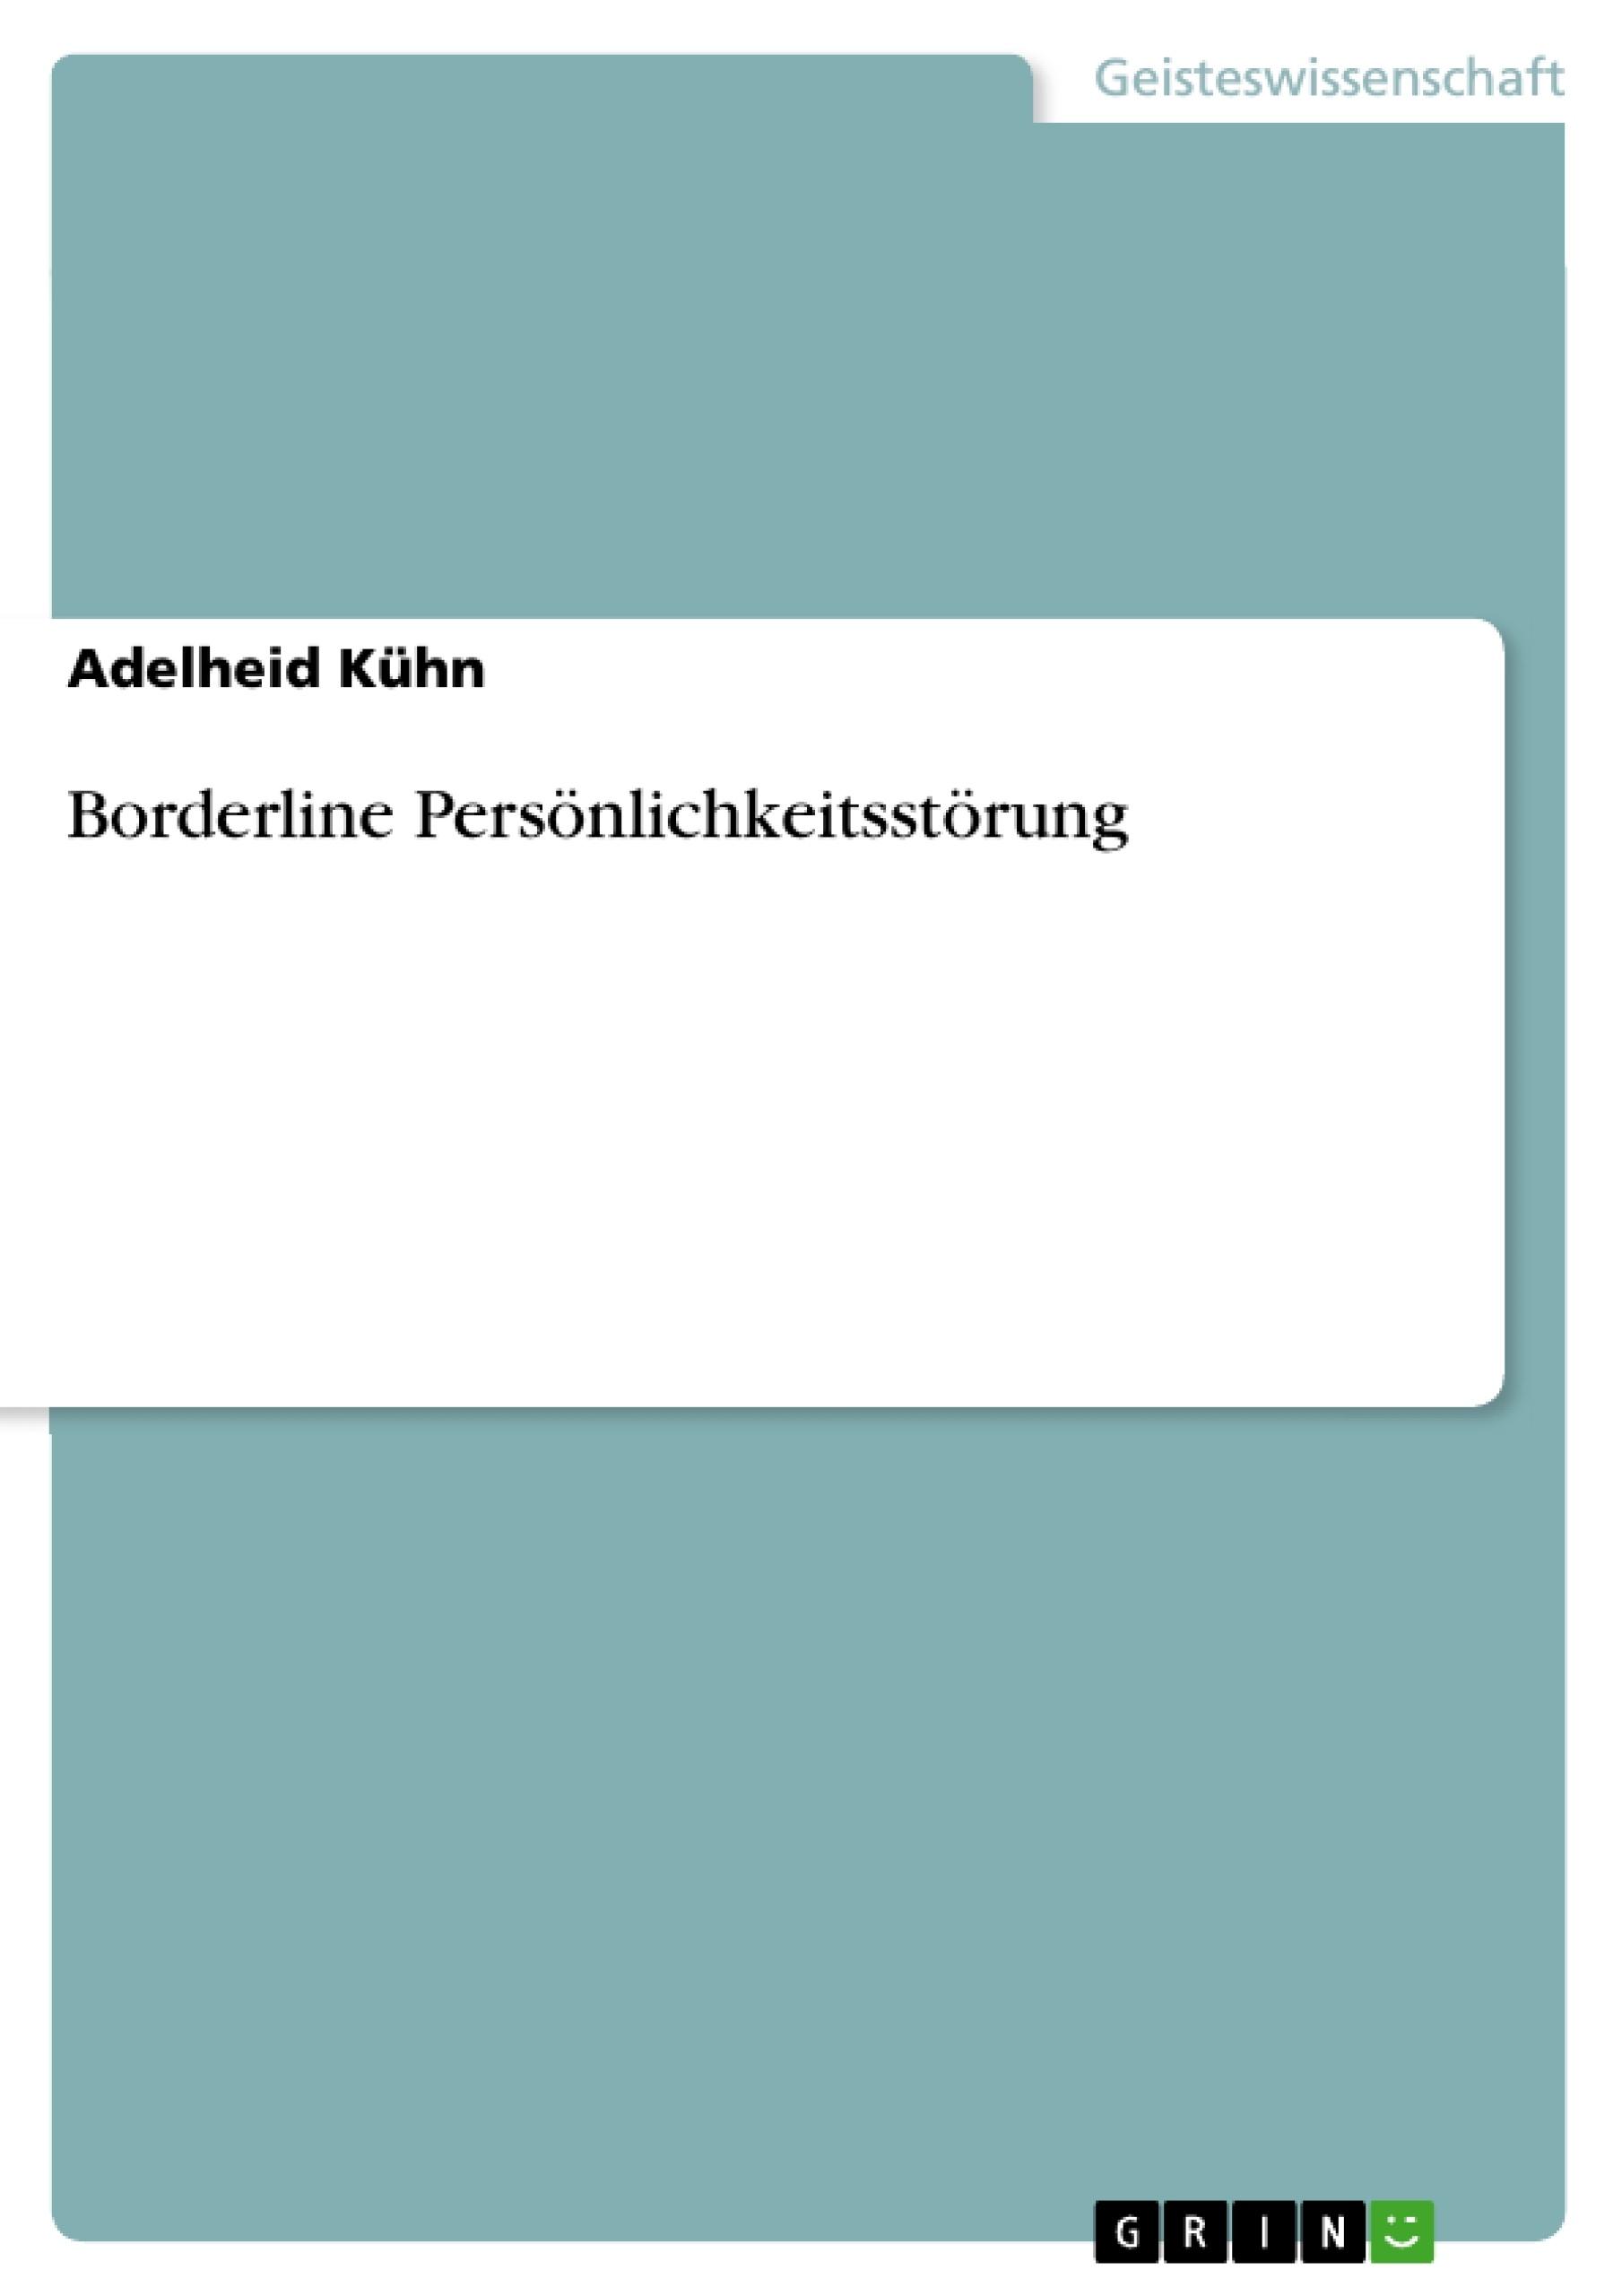 Titel: Borderline Persönlichkeitsstörung